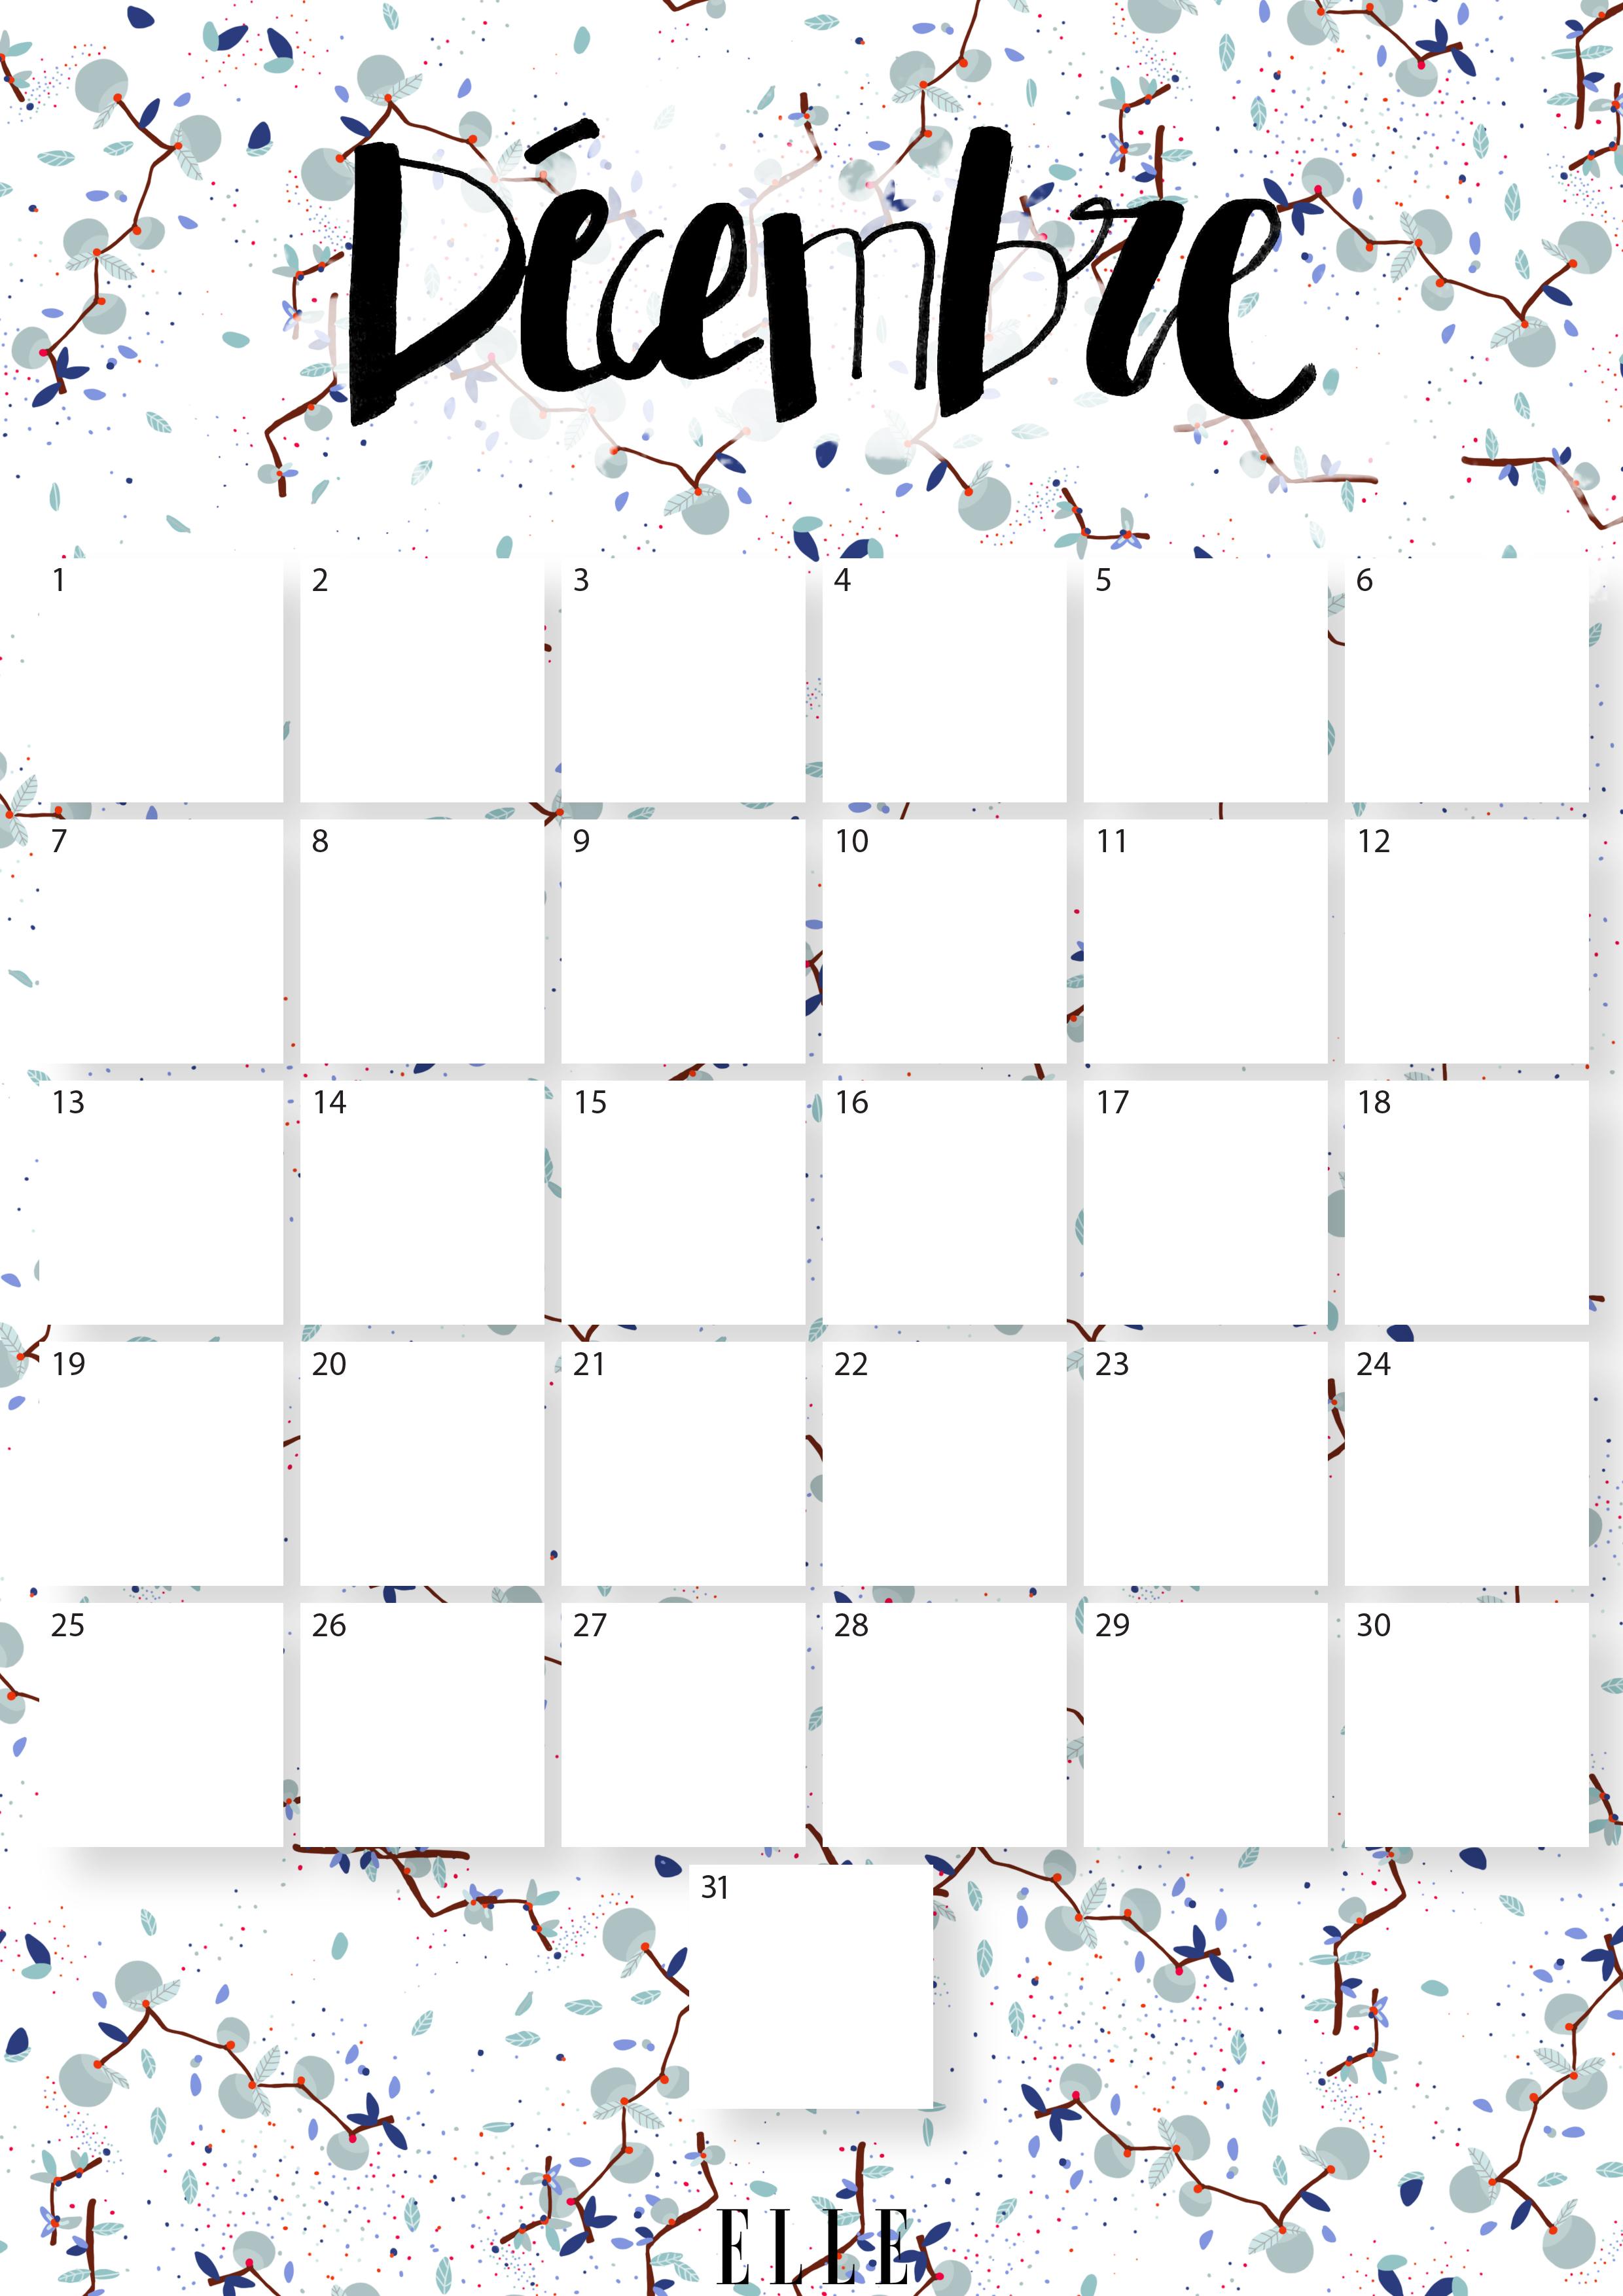 Calendrier Decembre Telechargez Gratuitement Votre Calendrier Du Mois De Decembre Elle